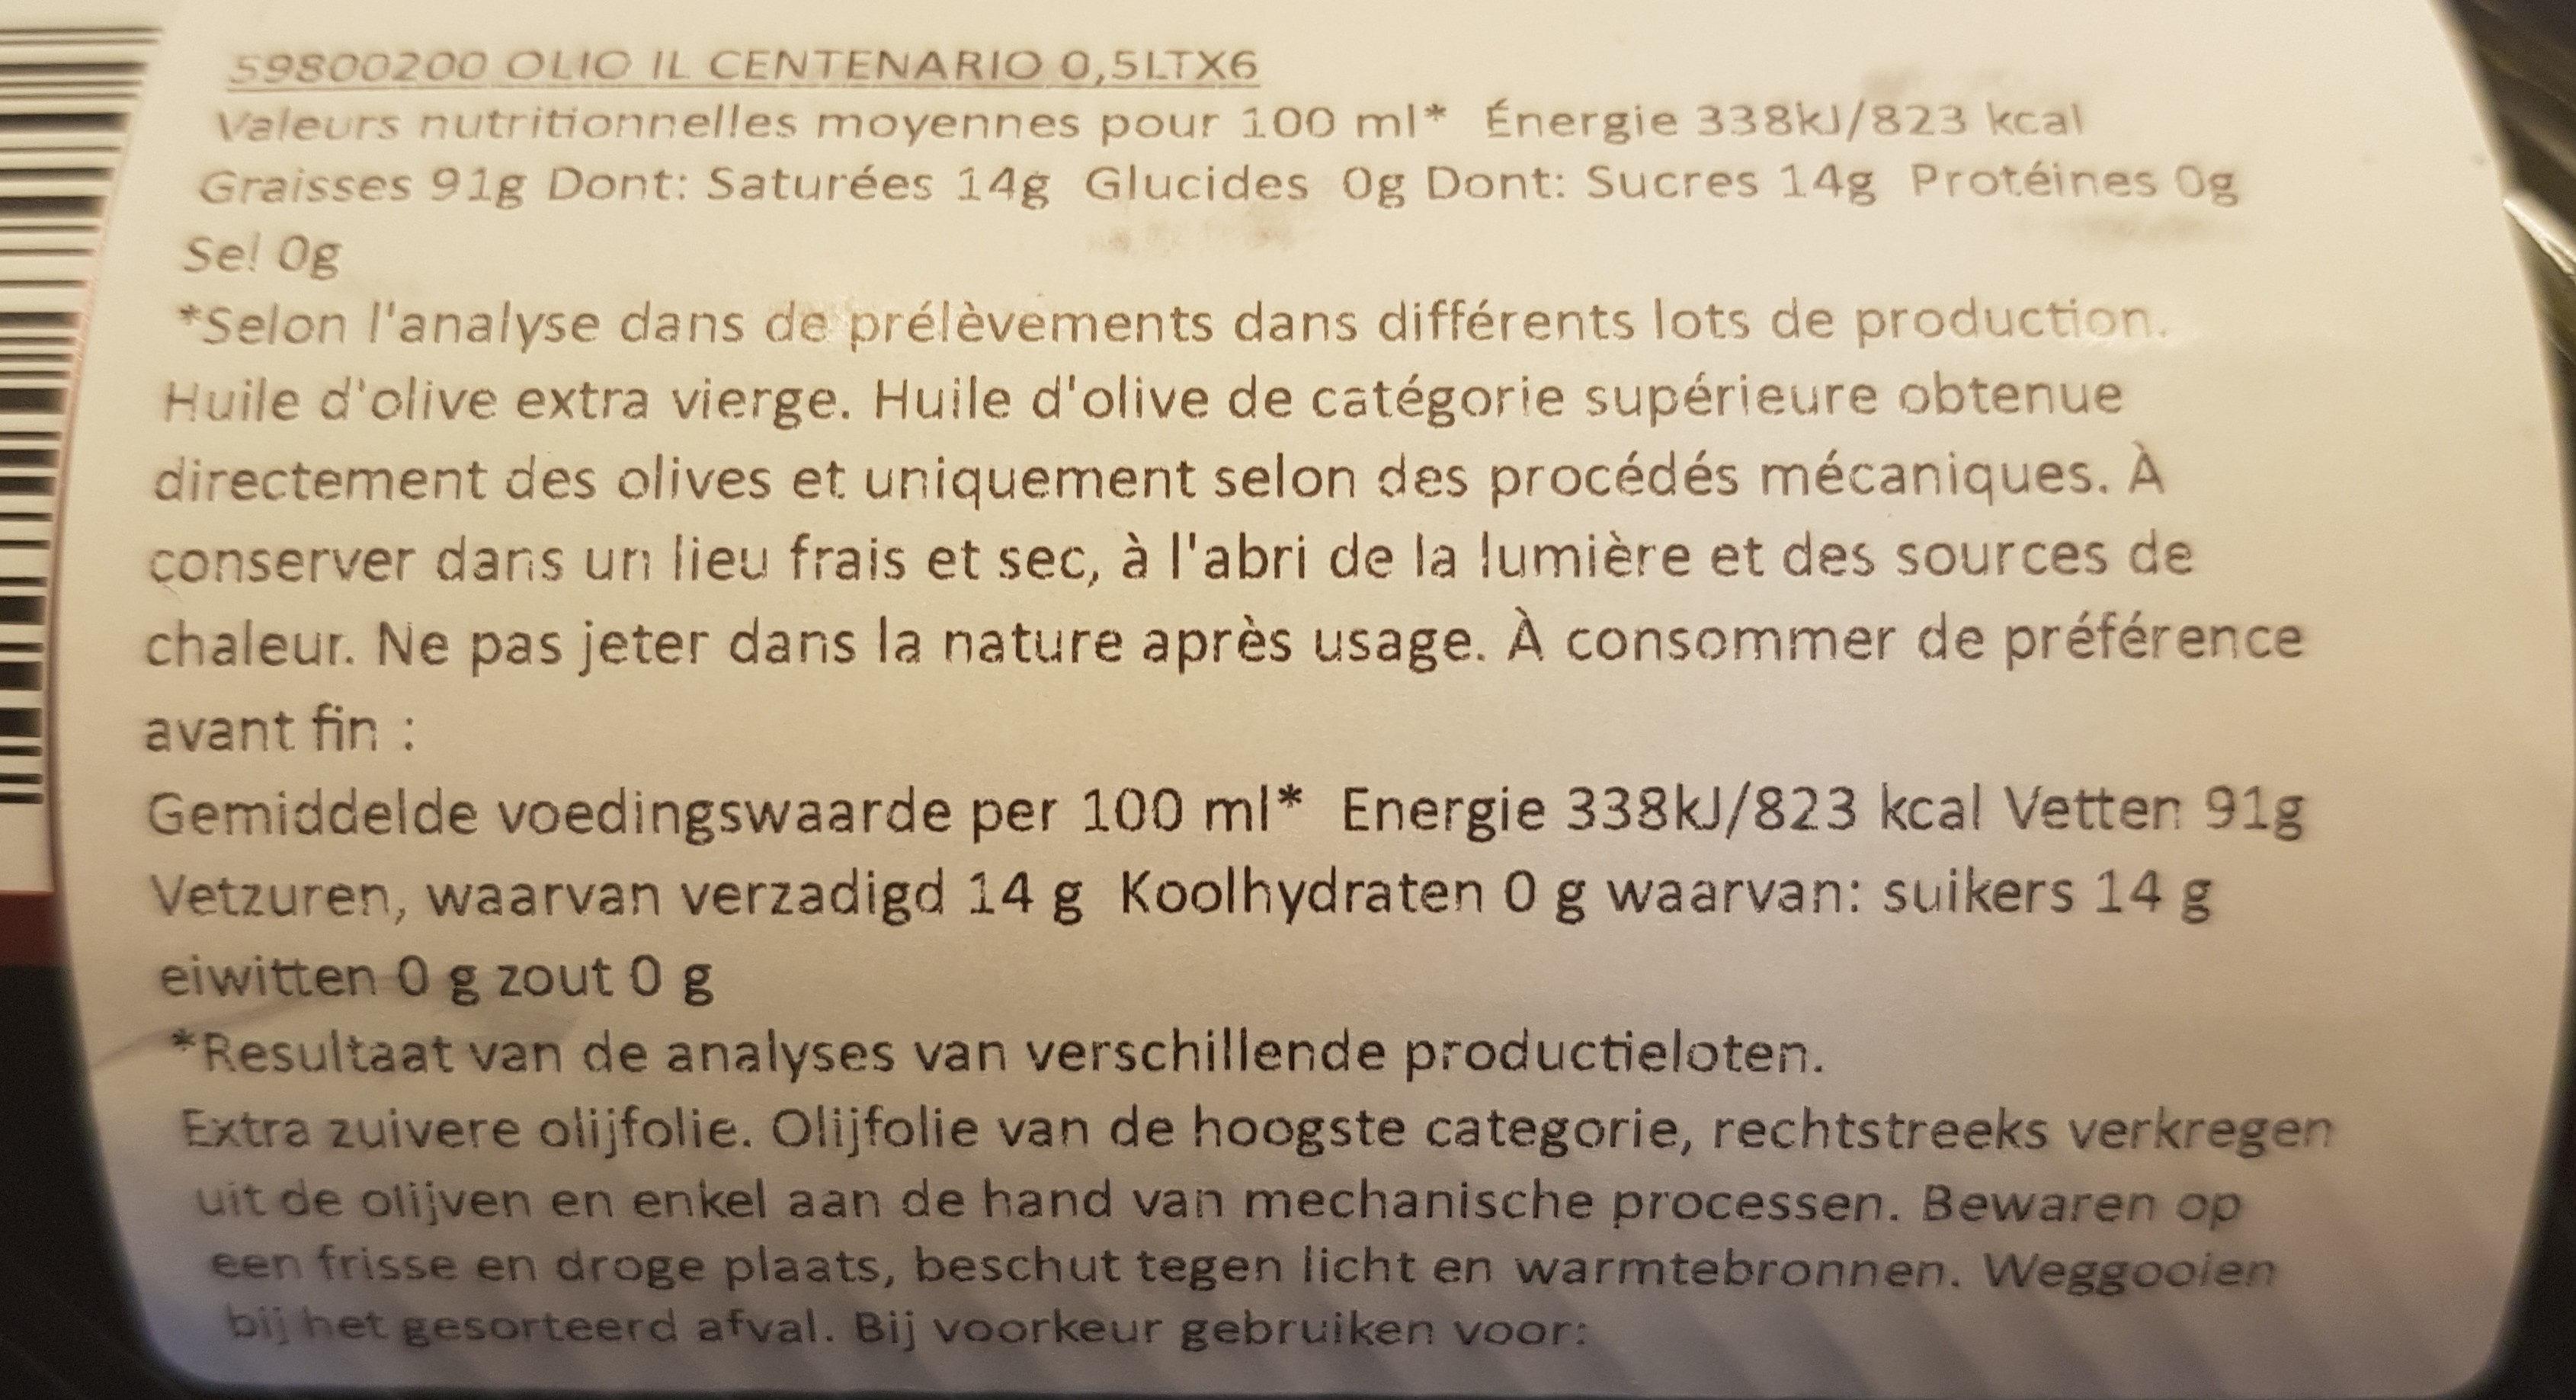 Il centenario - Ingredients - fr